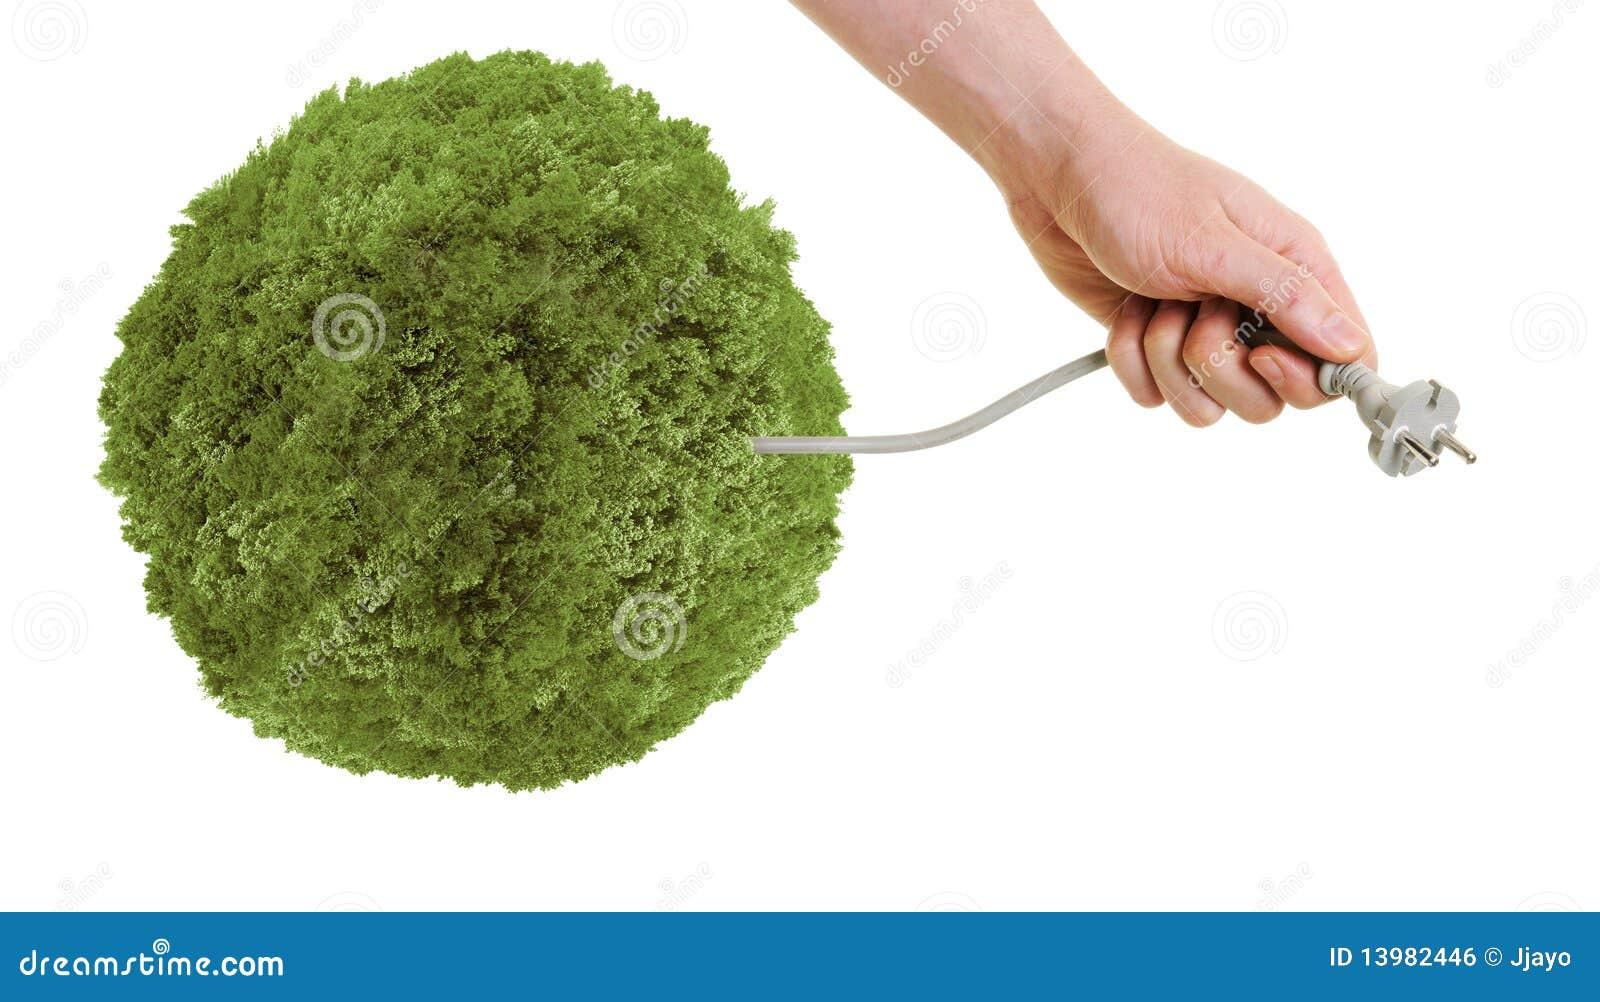 Zoek naar groene energie